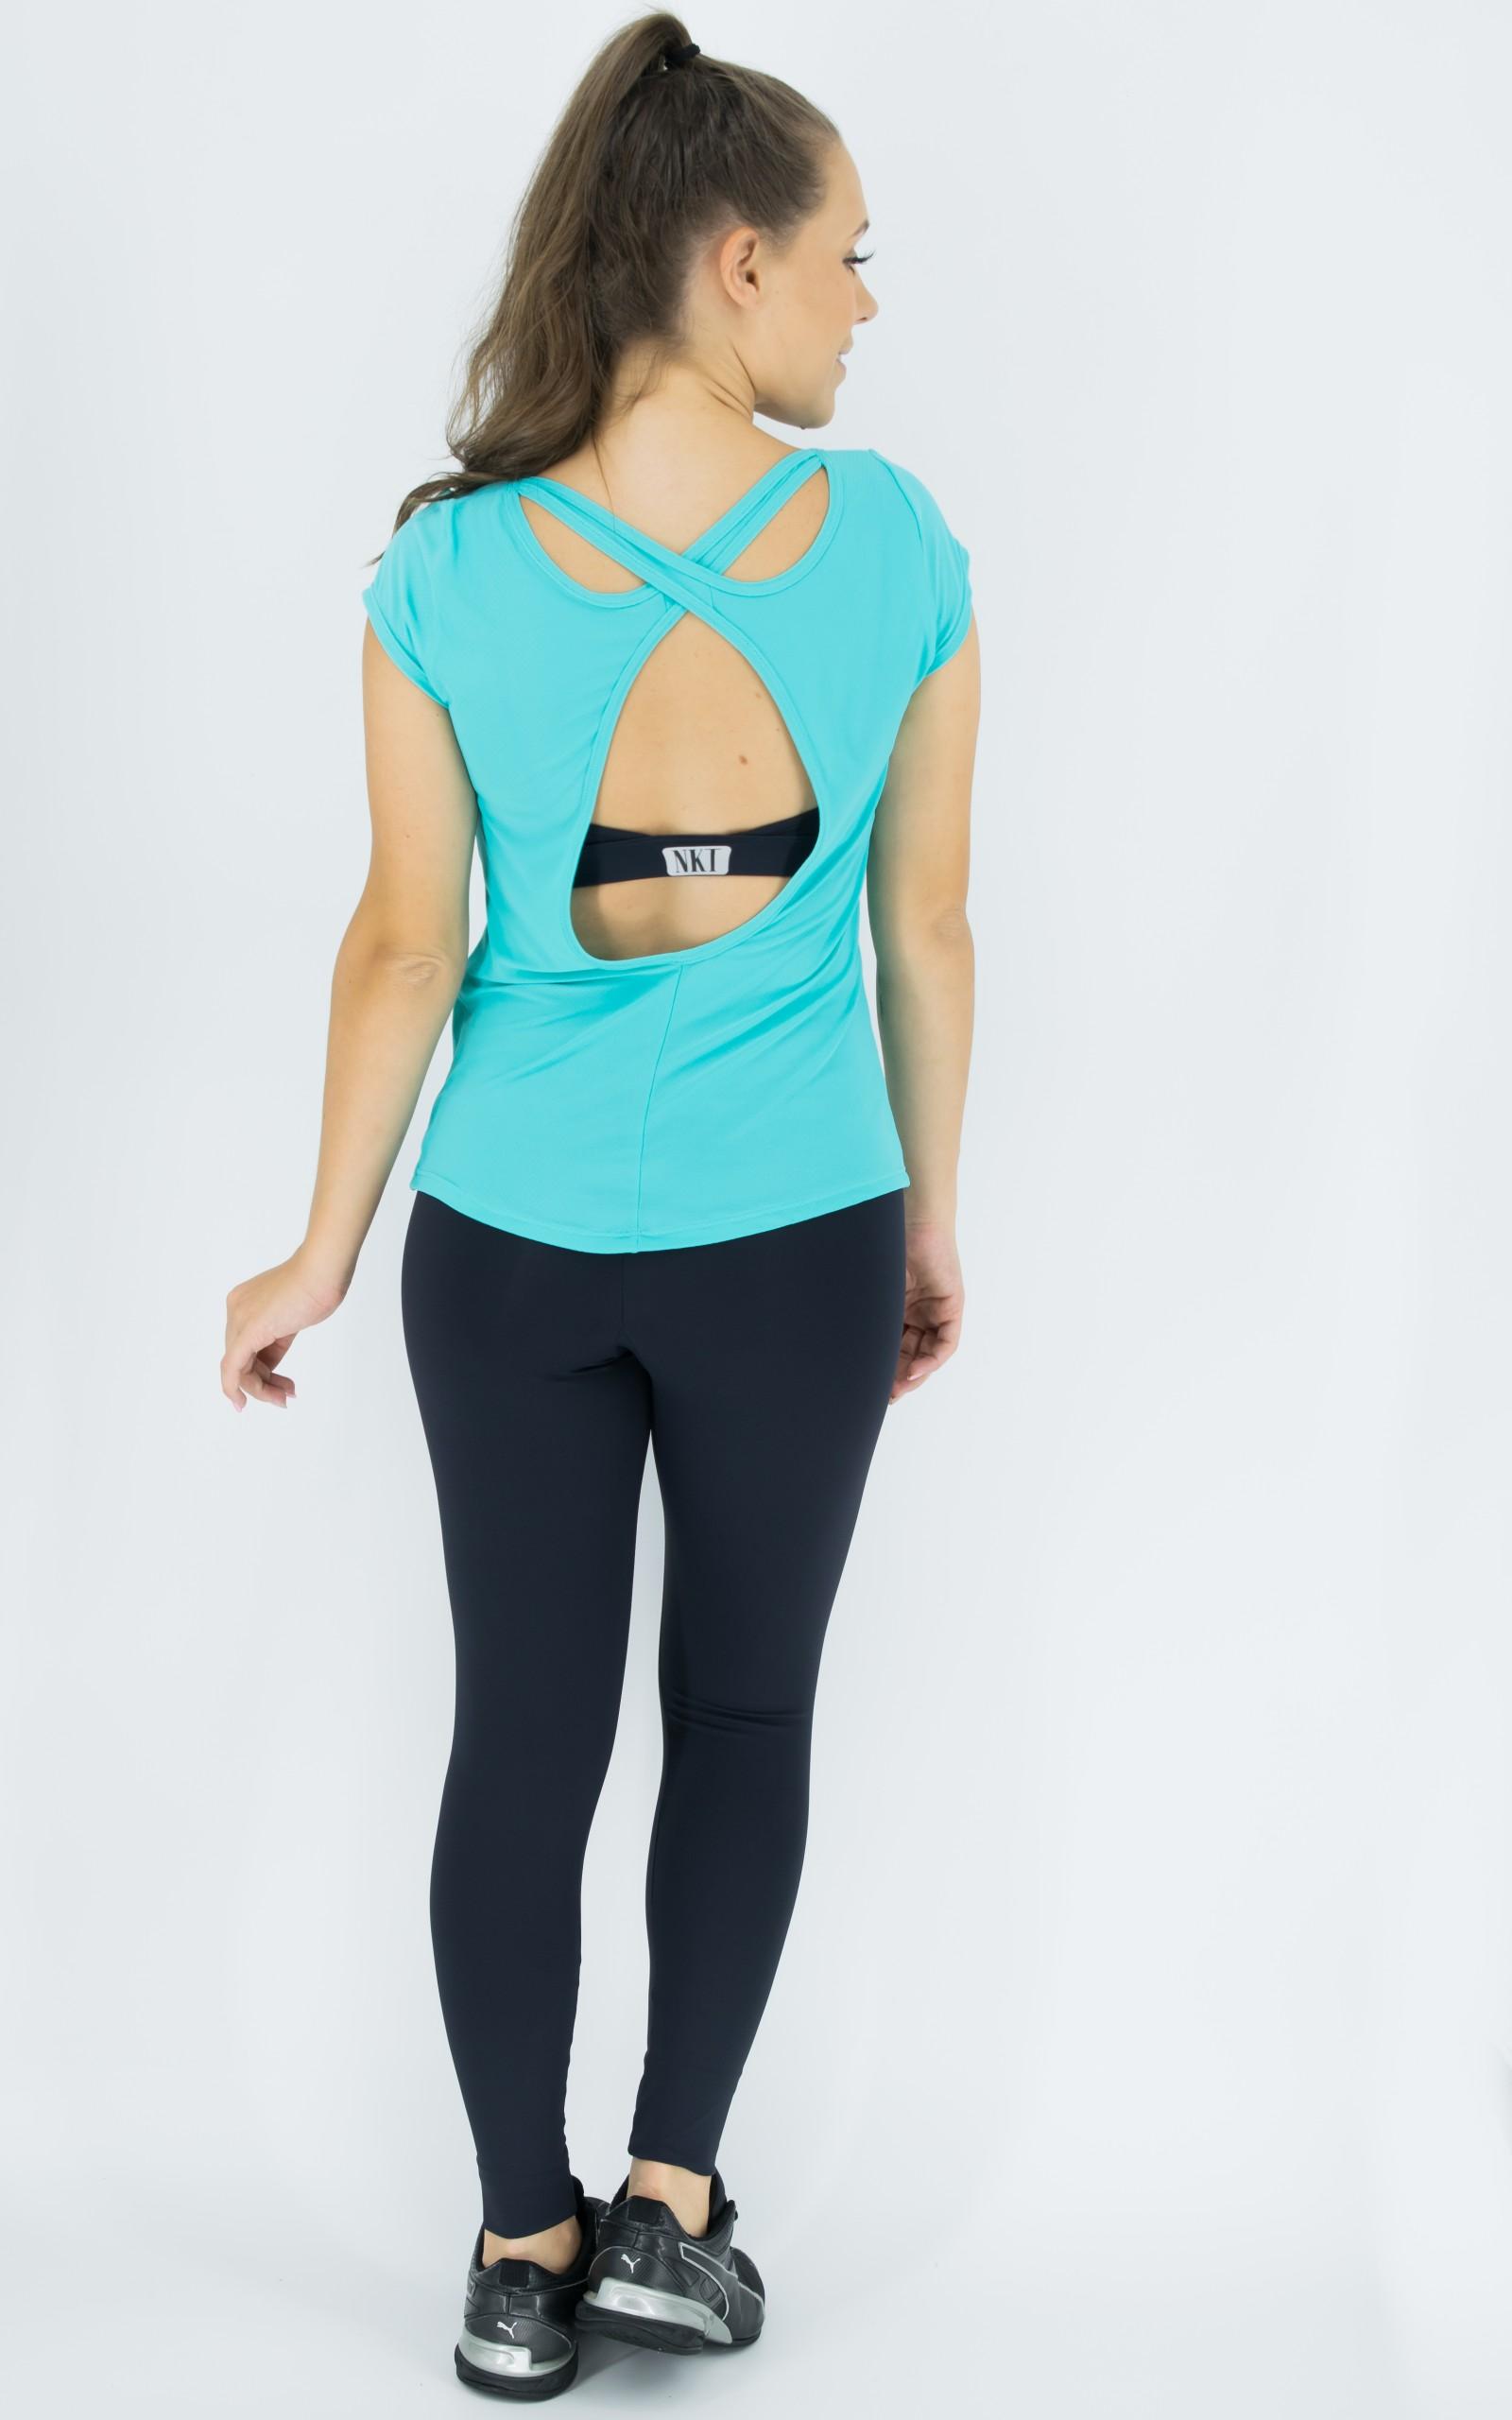 Blusa Special Azul, Coleção Move Your Body - NKT Fitwear Moda Fitness